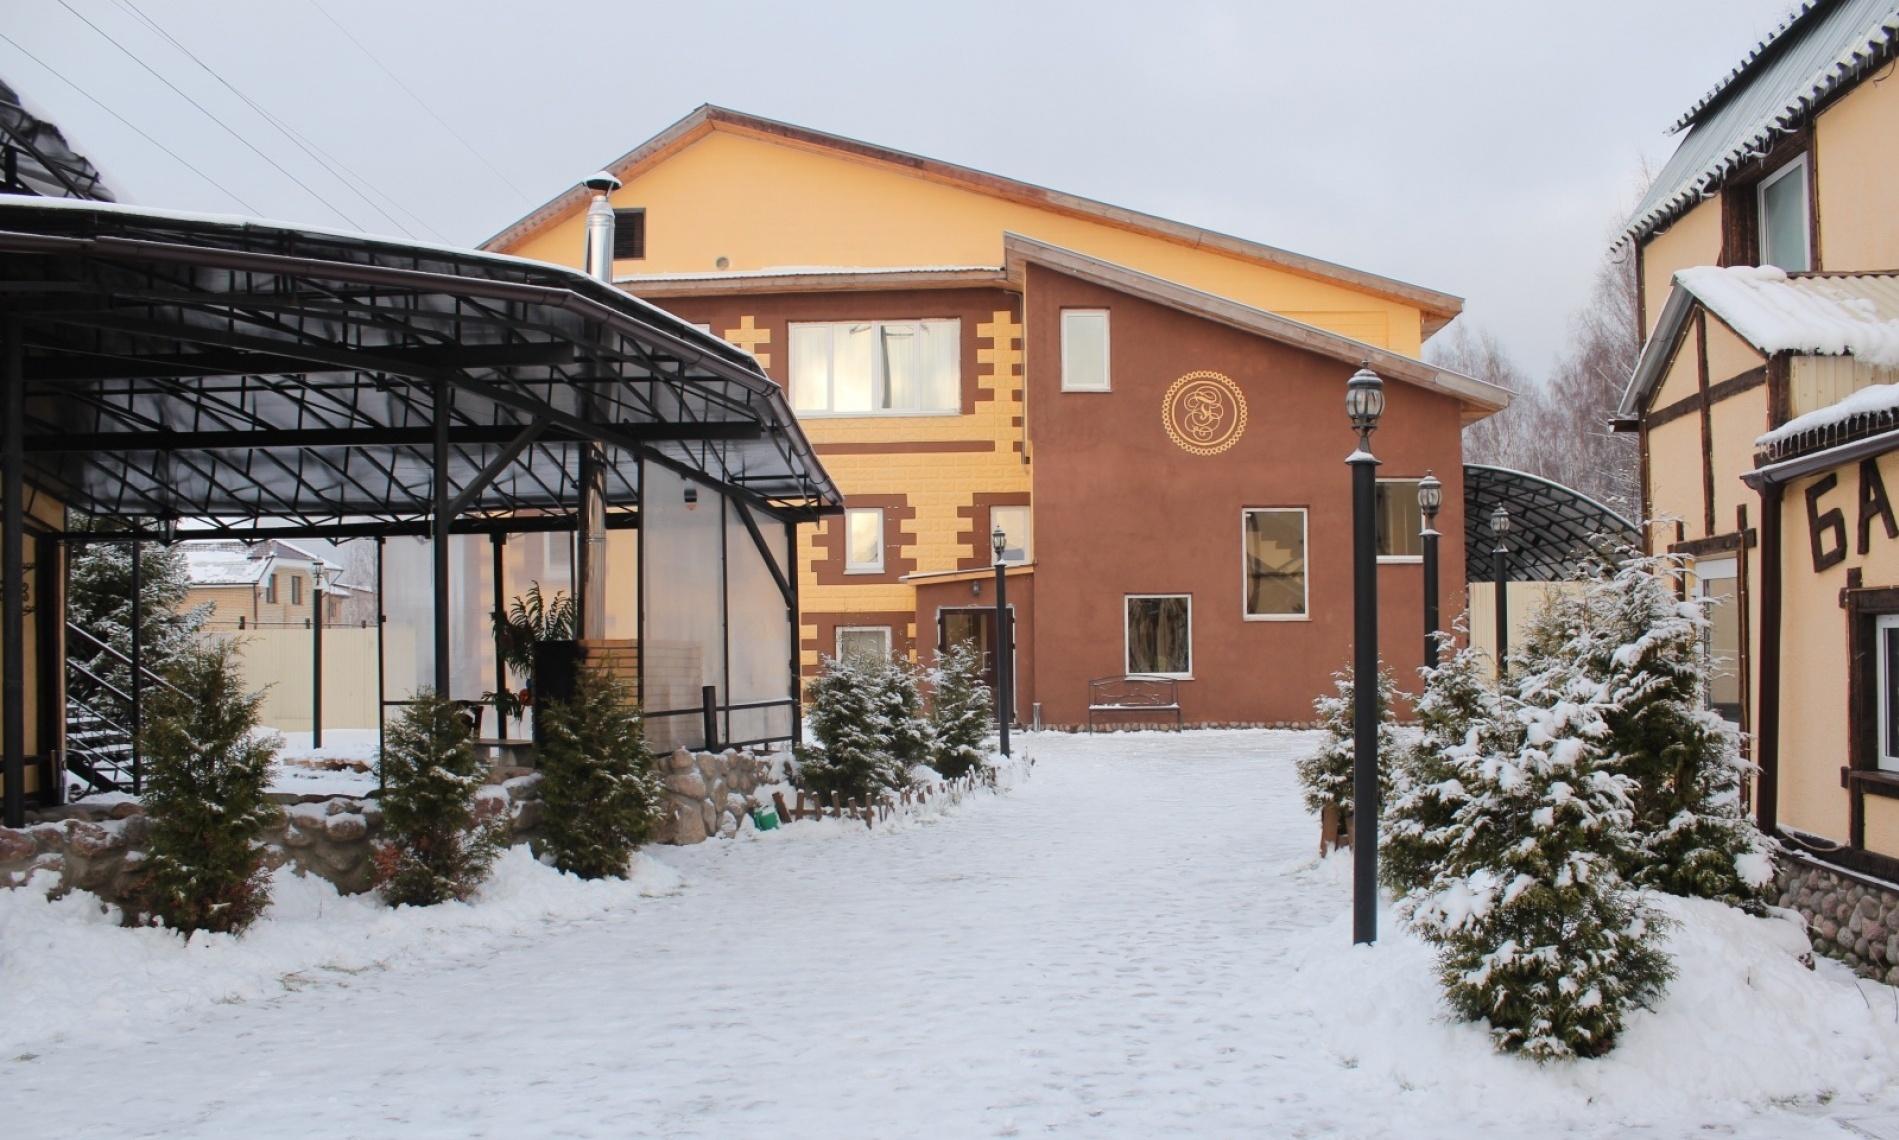 Загородный гостиничный комплекс «Старые традиции» Ленинградская область, фото 10